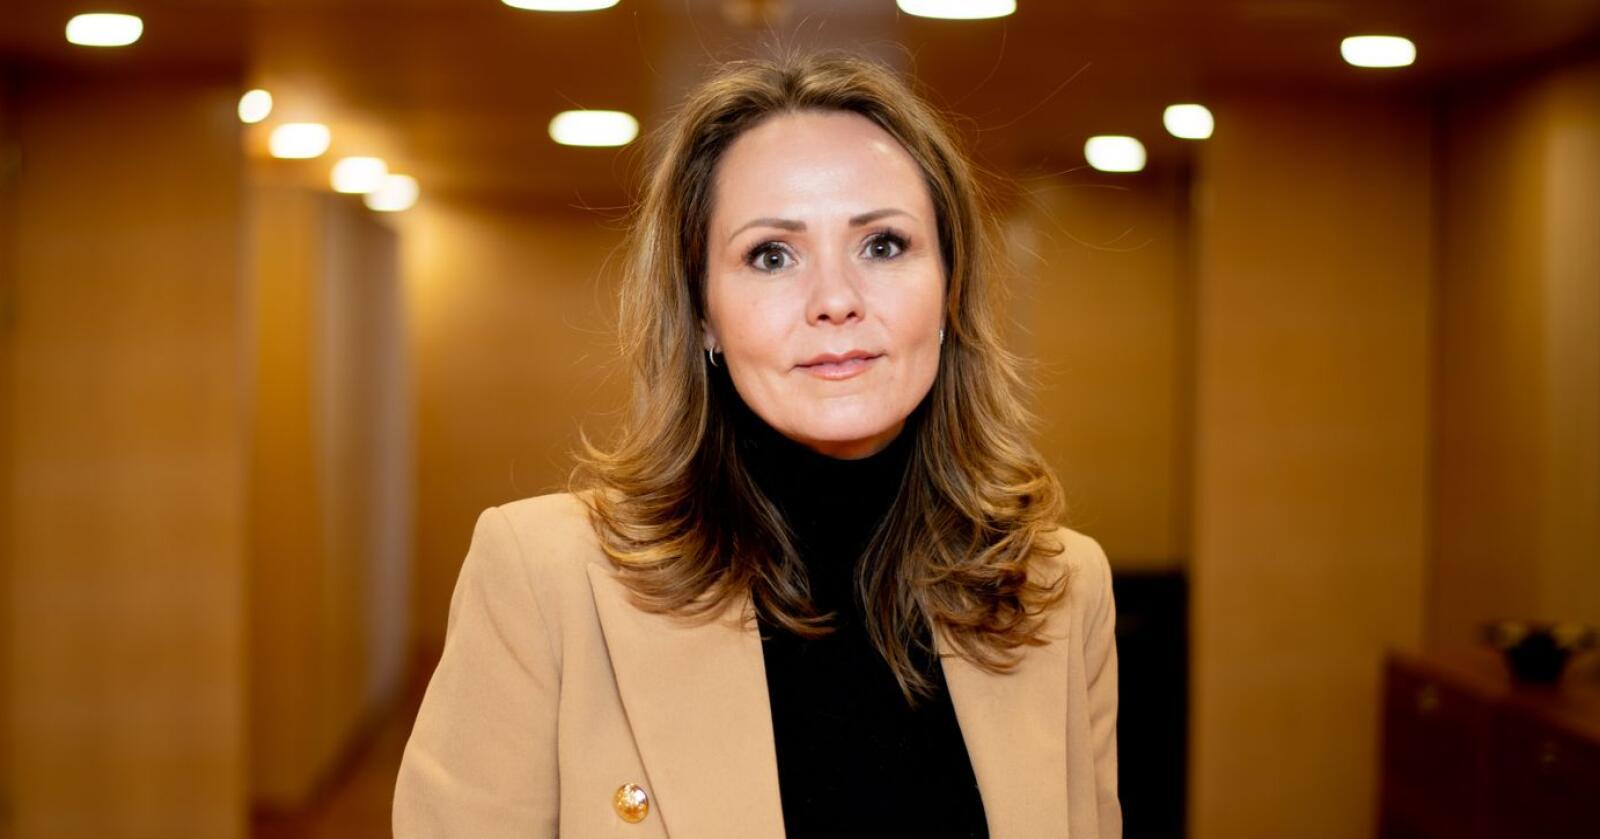 Distrikts- og digitaliseringsminister Linda Hofstad Helleland forteller Nationen om sitt distriktspolitiske prosjekt og hvordan hun har mottatt all kritikken. Foto: Vidar Sandnes